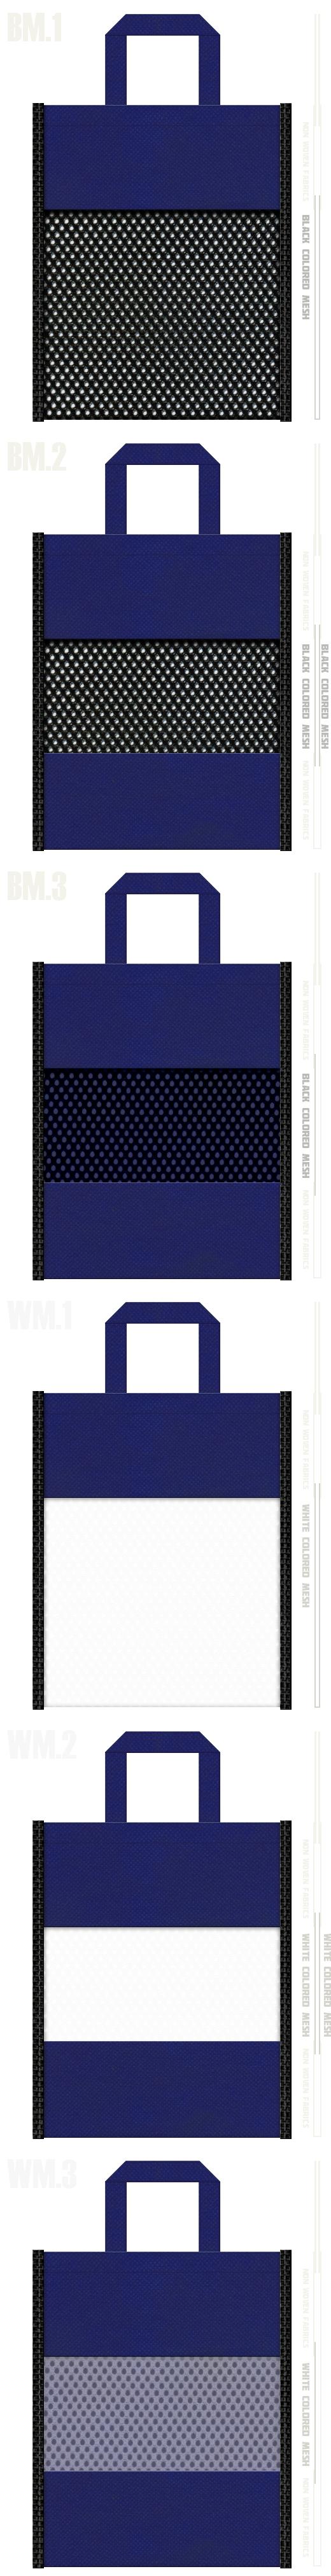 フラットタイプのメッシュバッグのカラーシミュレーション:黒色・白色メッシュと紺色不織布の組み合わせ